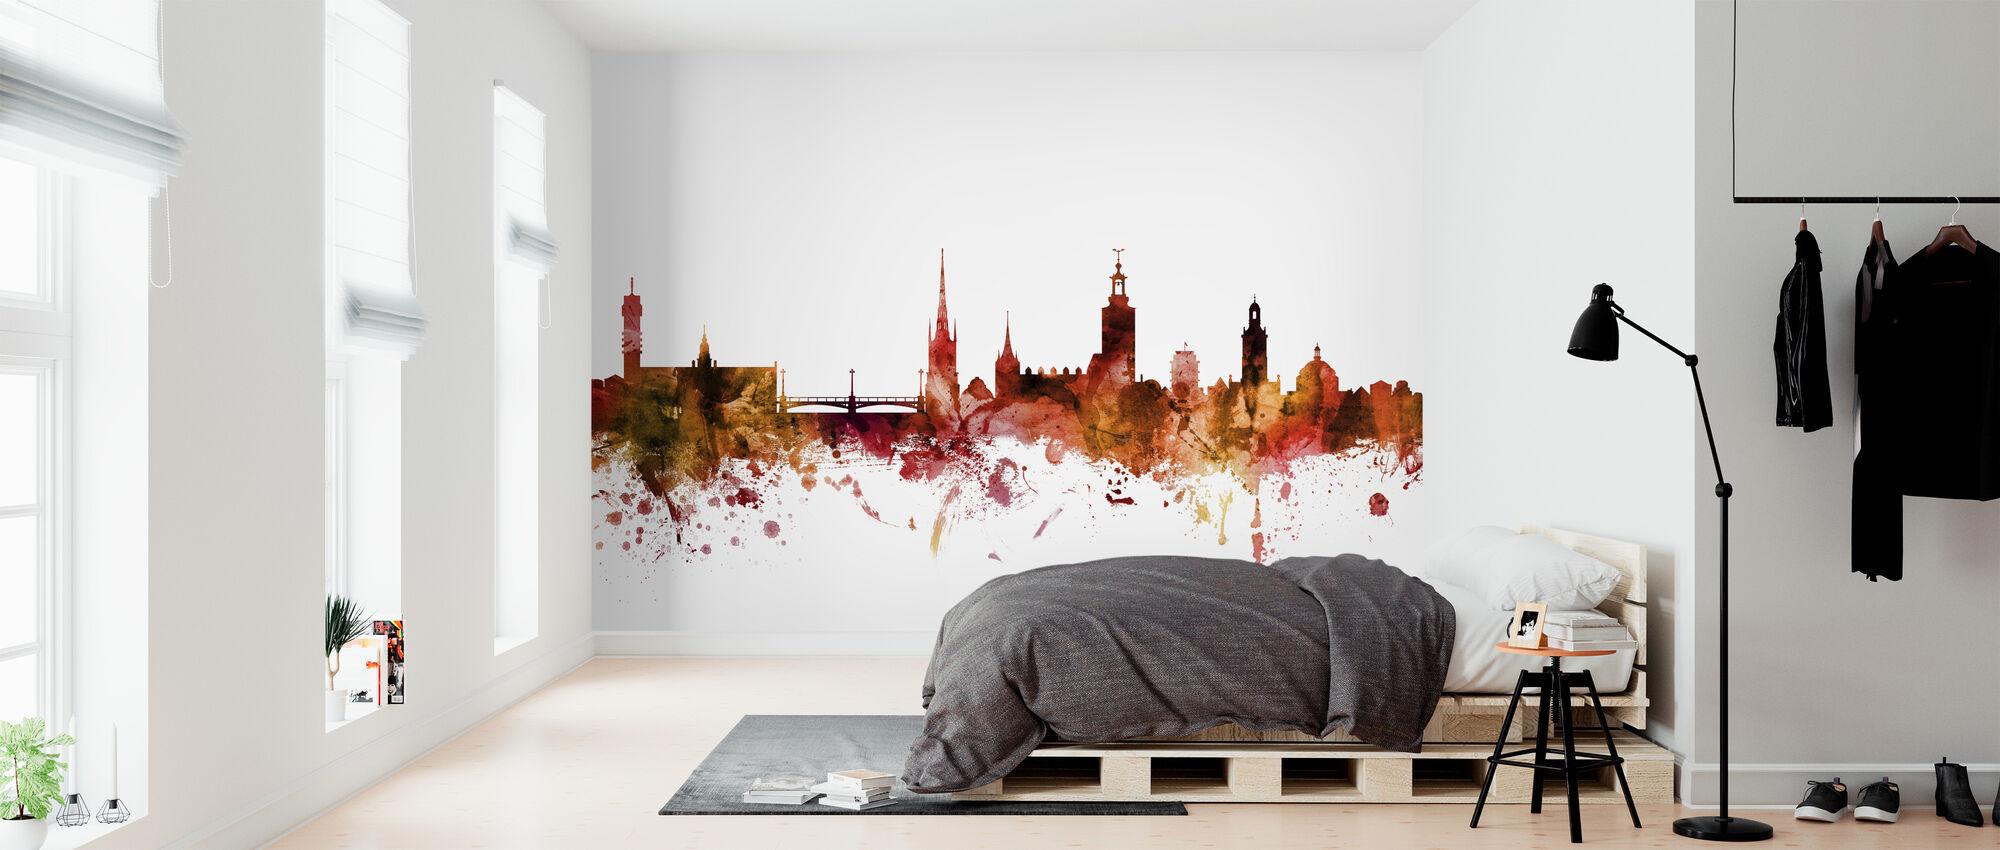 Stockholm Sweden Skyline - Wallpaper - Bedroom